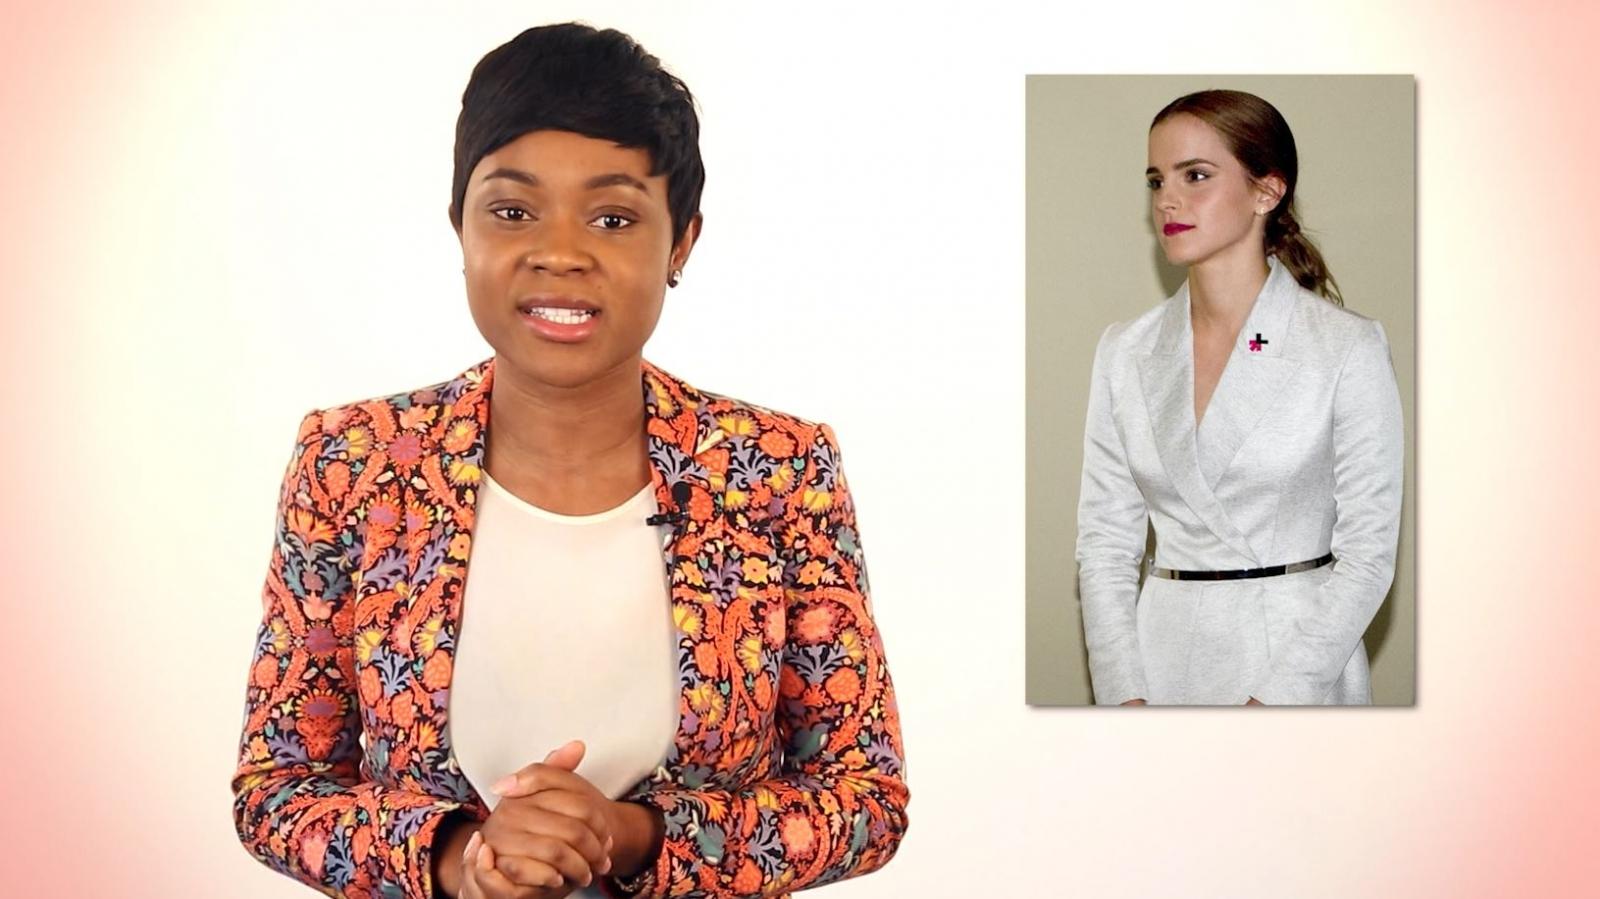 A-List Insider: Emma Watson's UN Speech, Rita Ora Joins The Voice